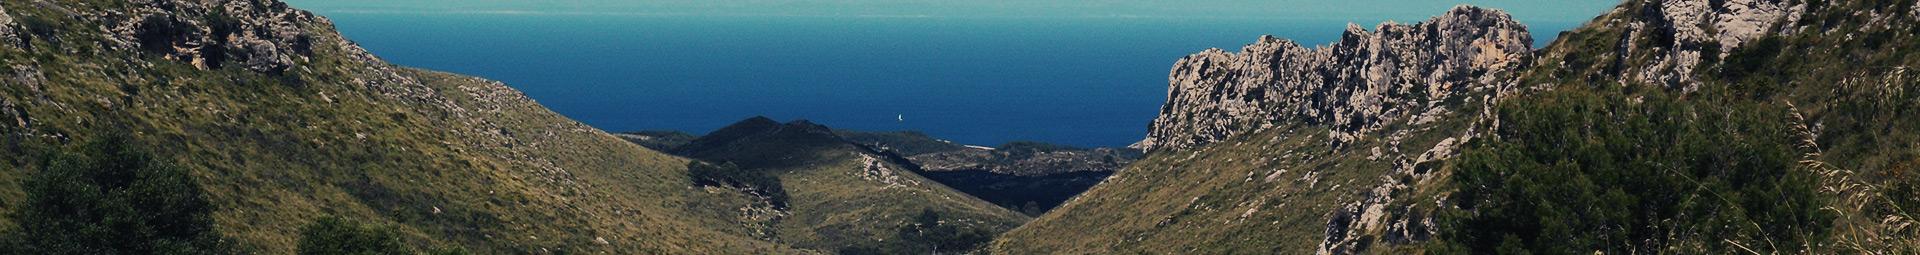 Foto Berge & das Meer